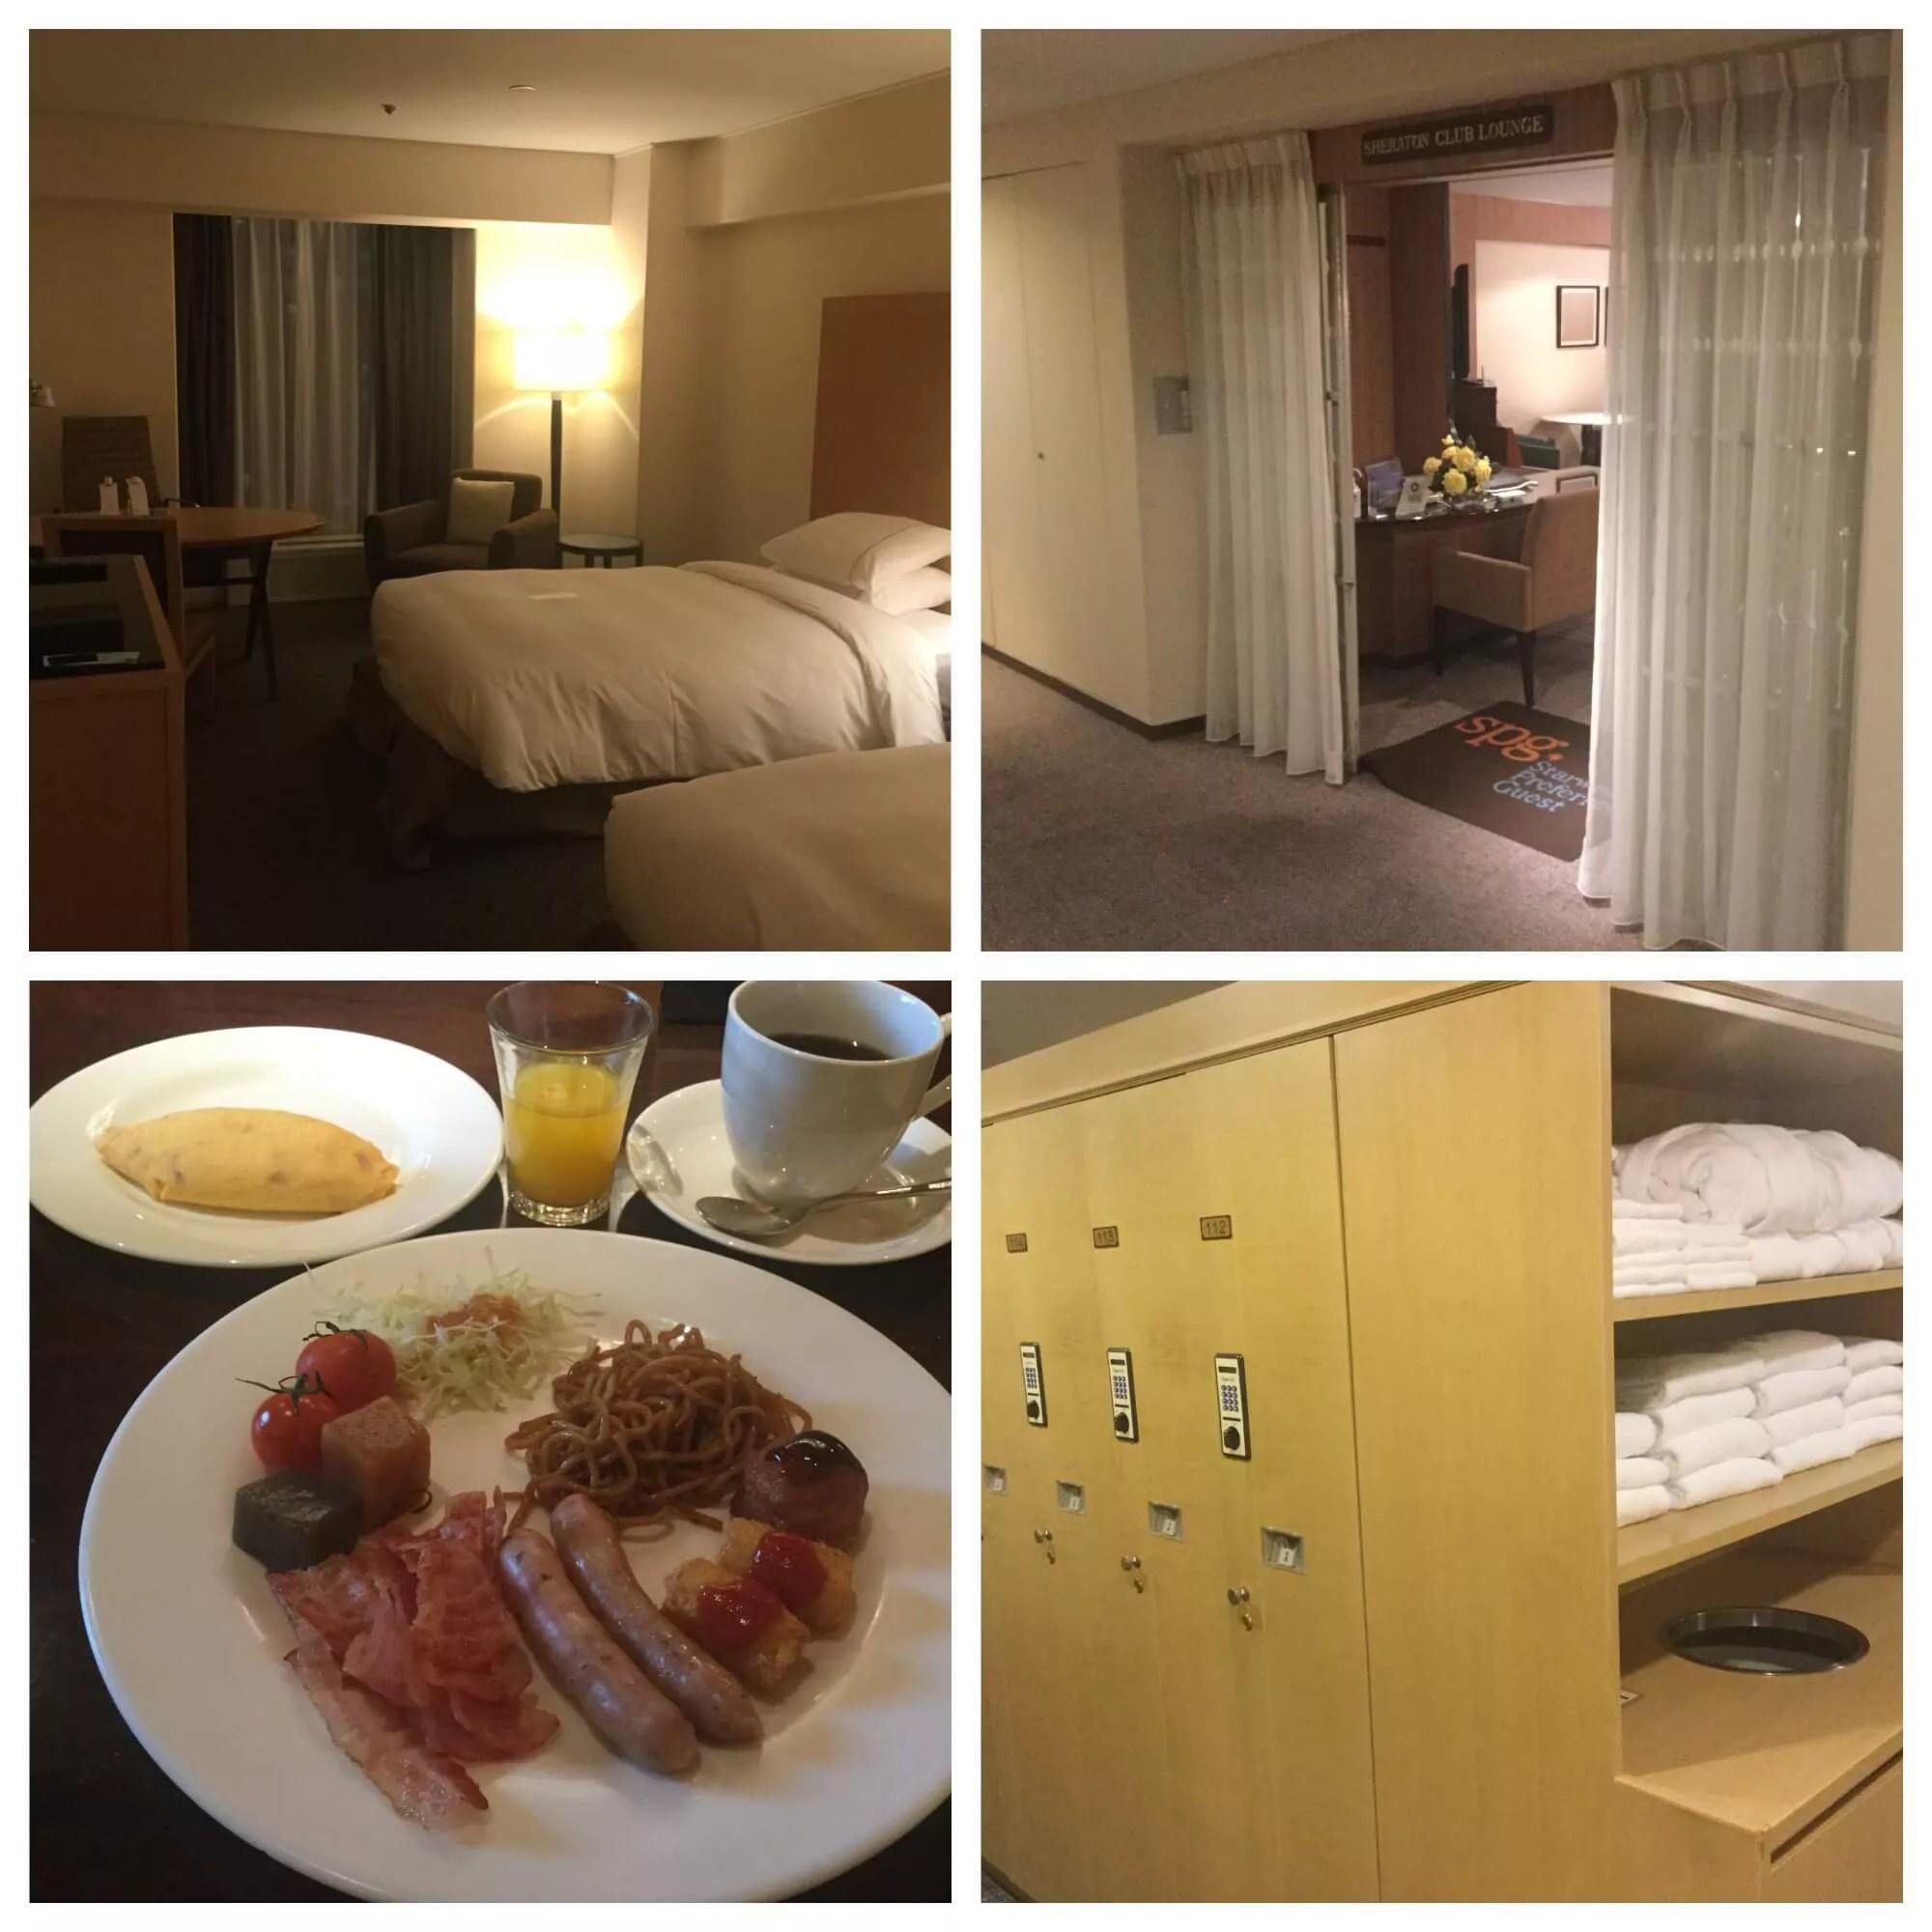 シェラトン都ホテル大阪宿泊記(朝食・ラウンジの様子とプラチナ特典を中心に)